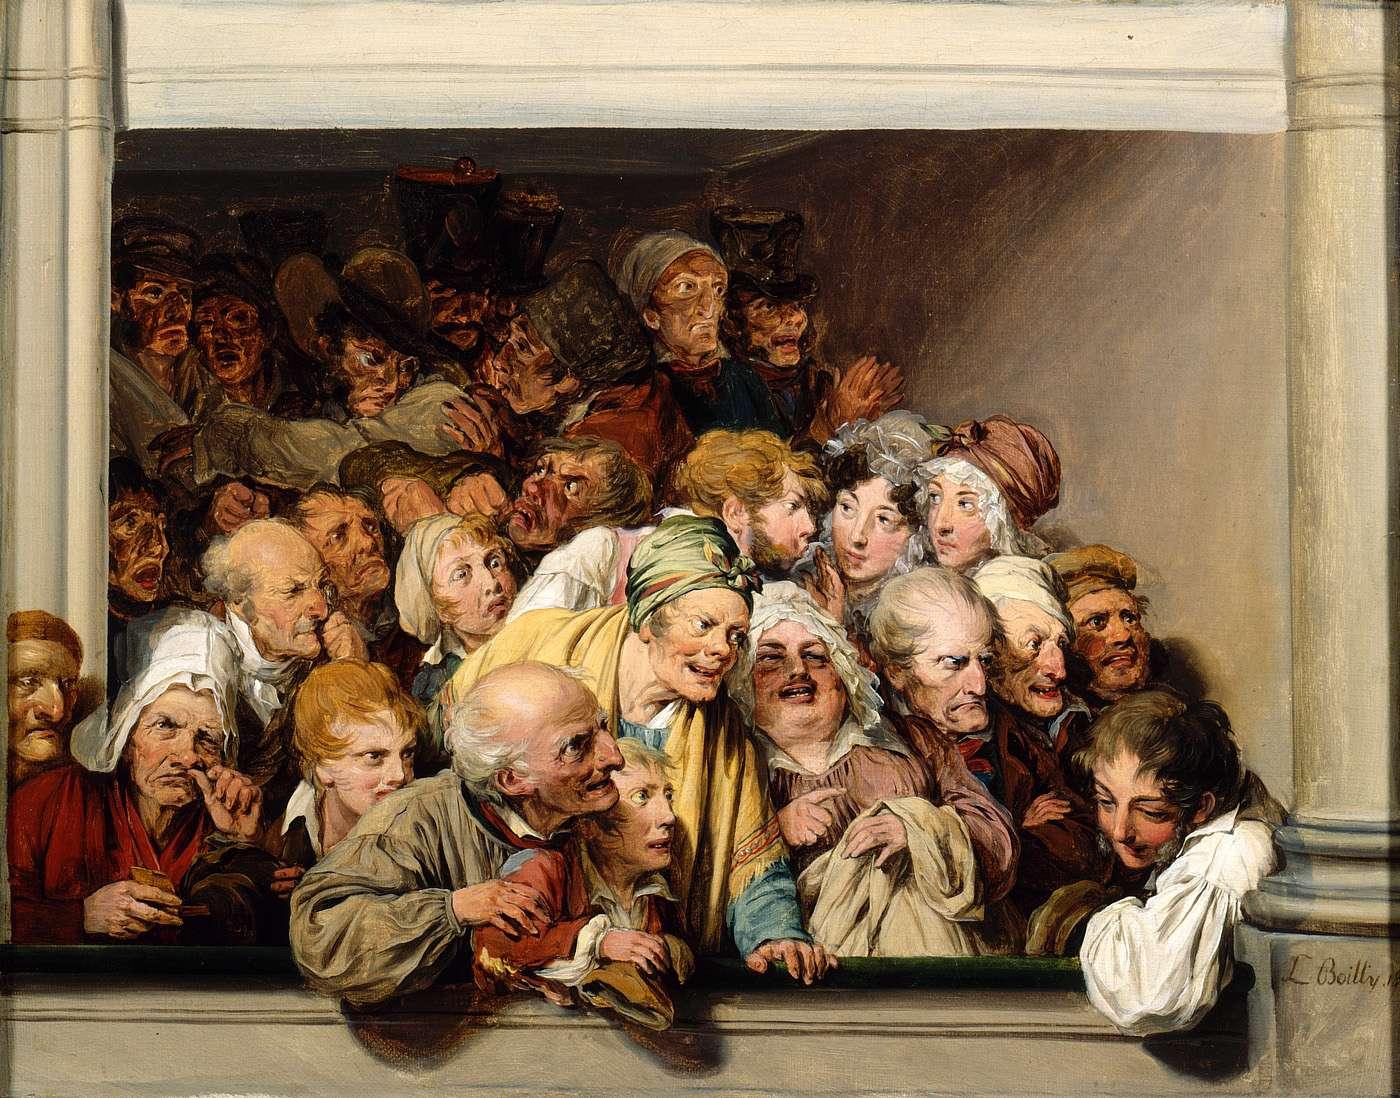 boilly Une loge, un jour de spectacle gratuit 1830